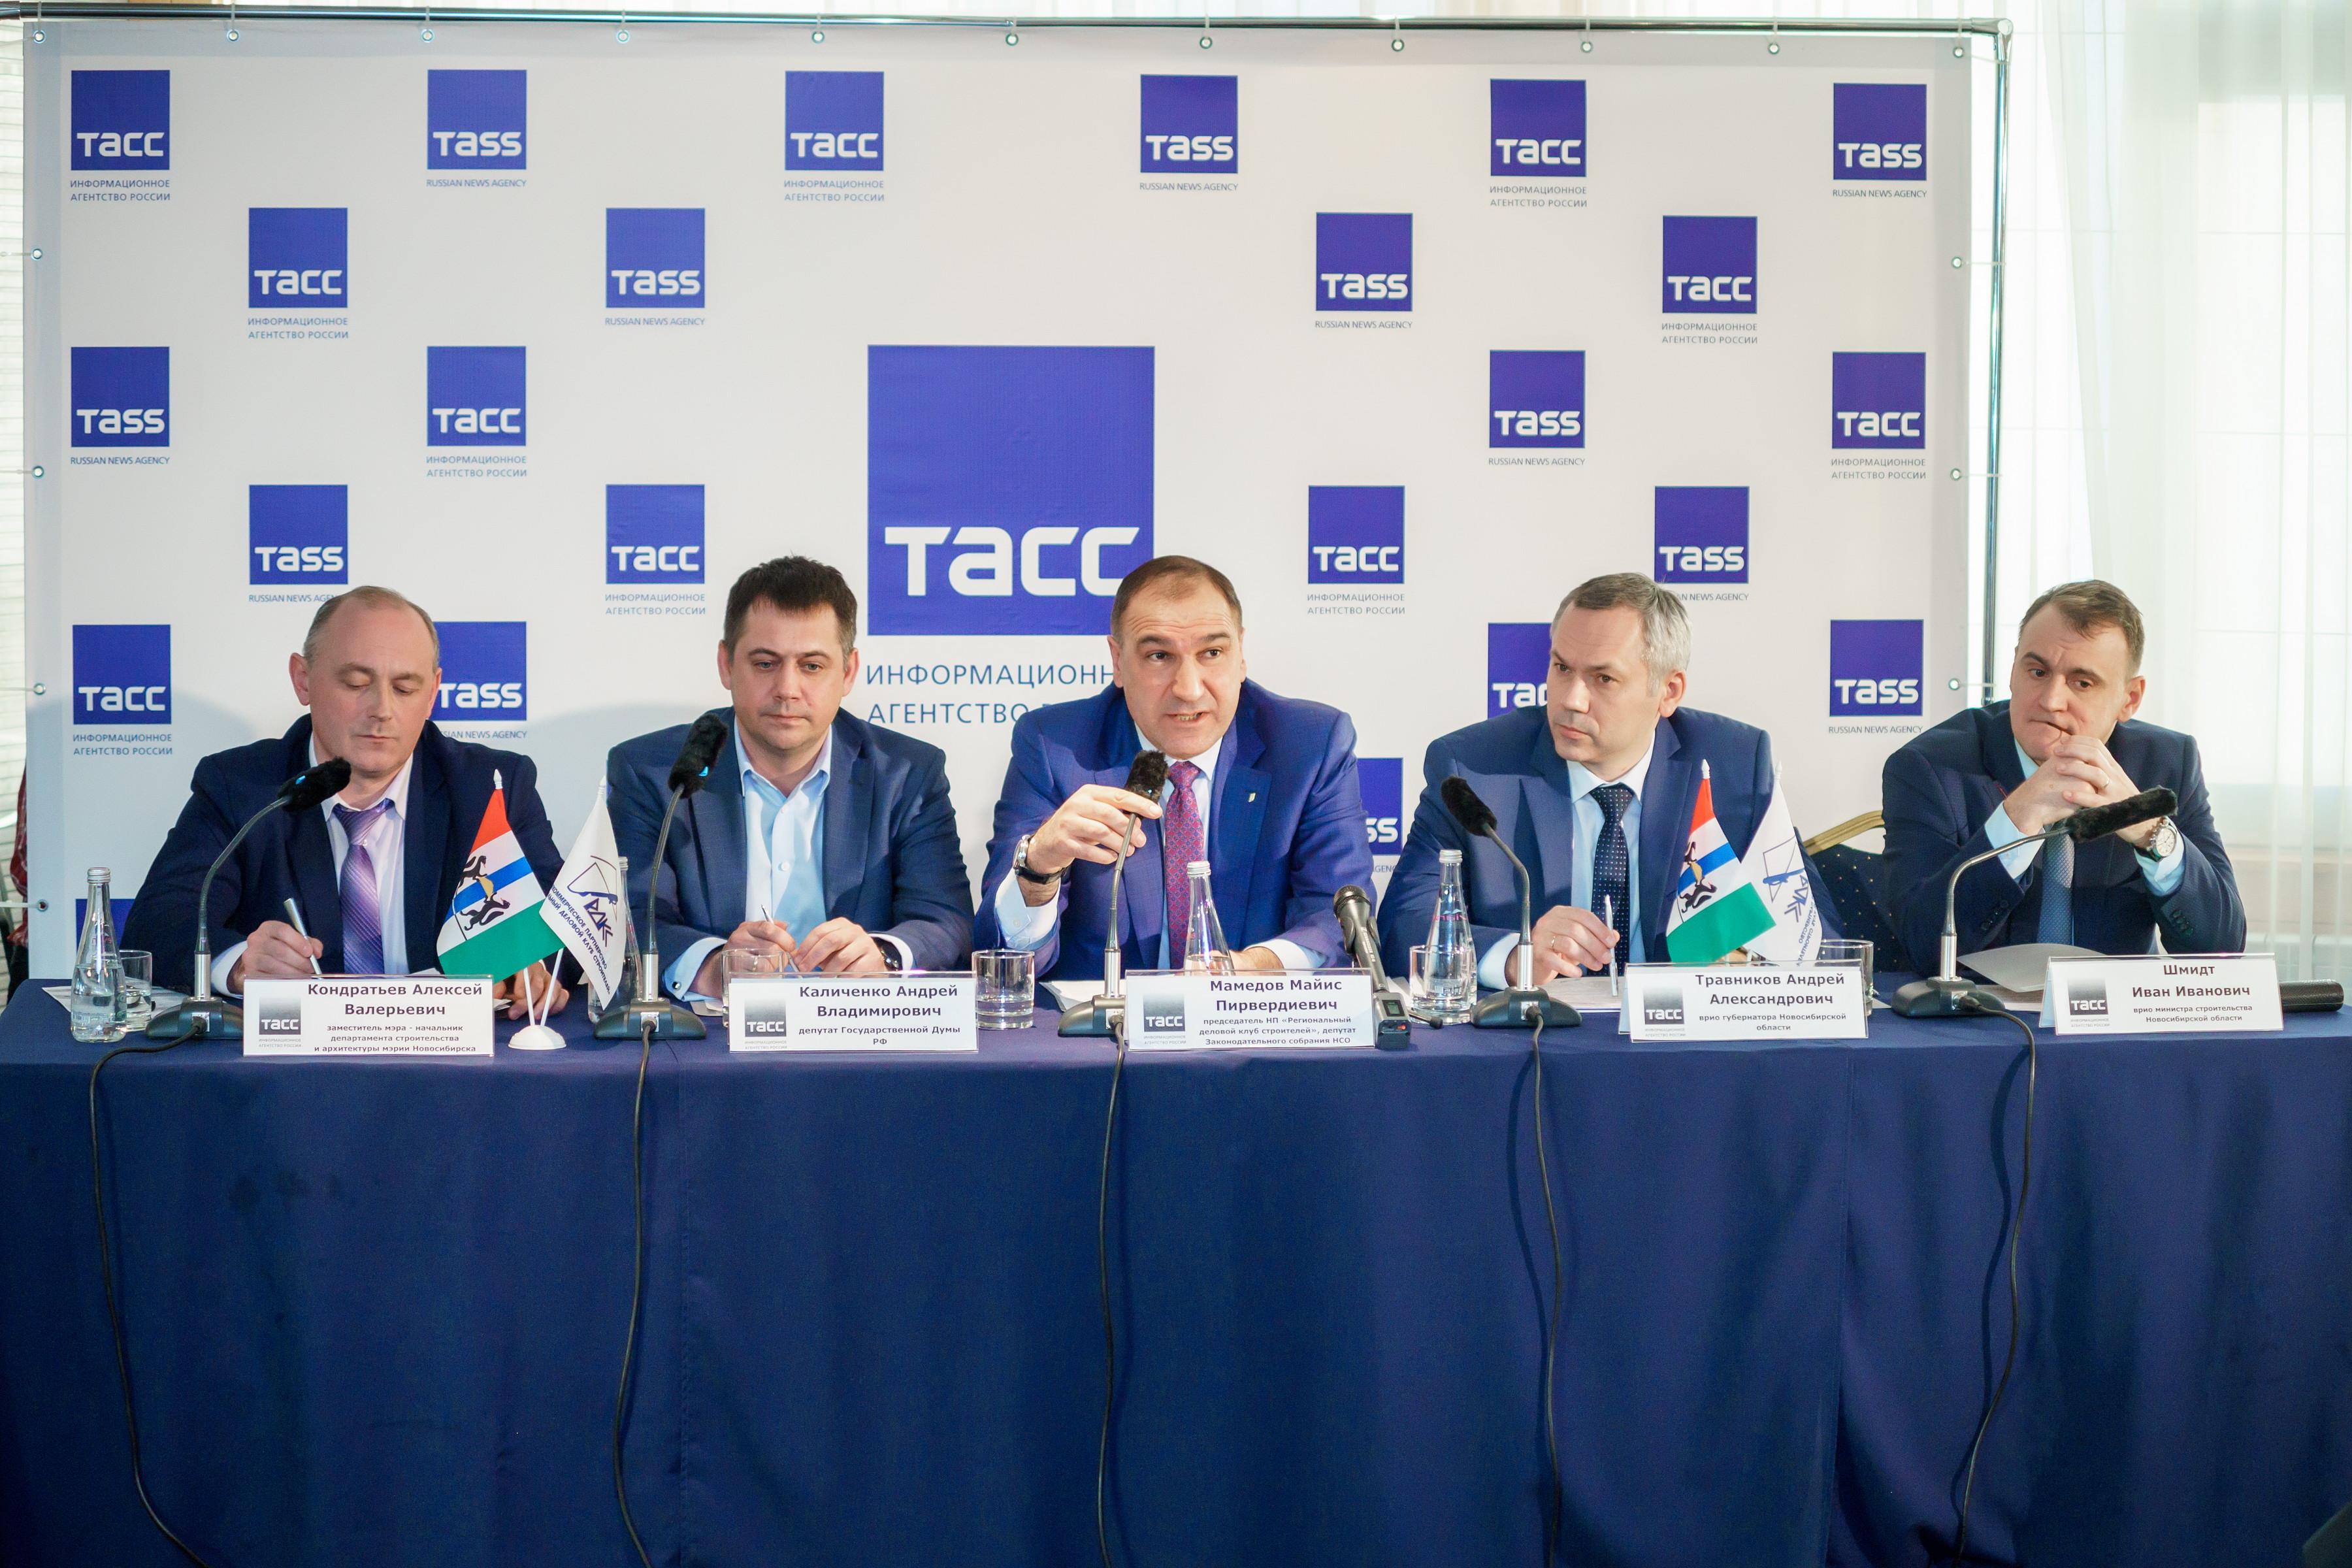 Развитие строительного комплекса Новосибирской области стало предметом обсуждения конференции, организованной Региональным деловым клубом строителей